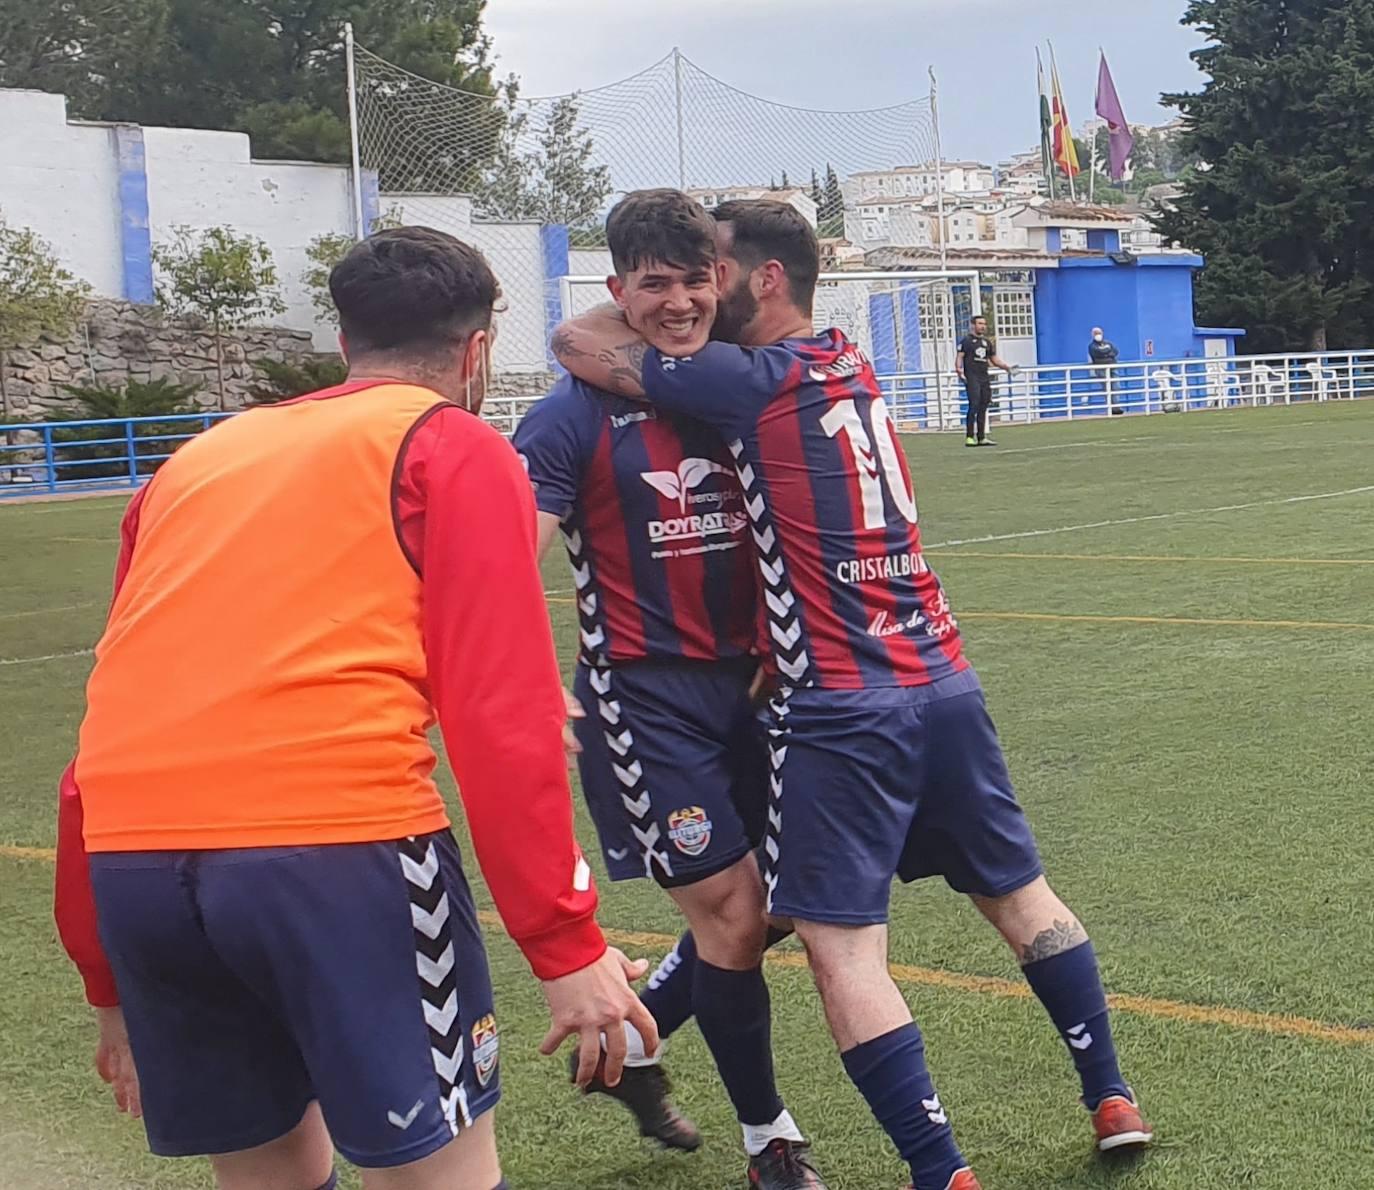 El Iliturgi asciende matemáticamente a la División de Honor Andaluza tras ganar esta tarde en Cazorla